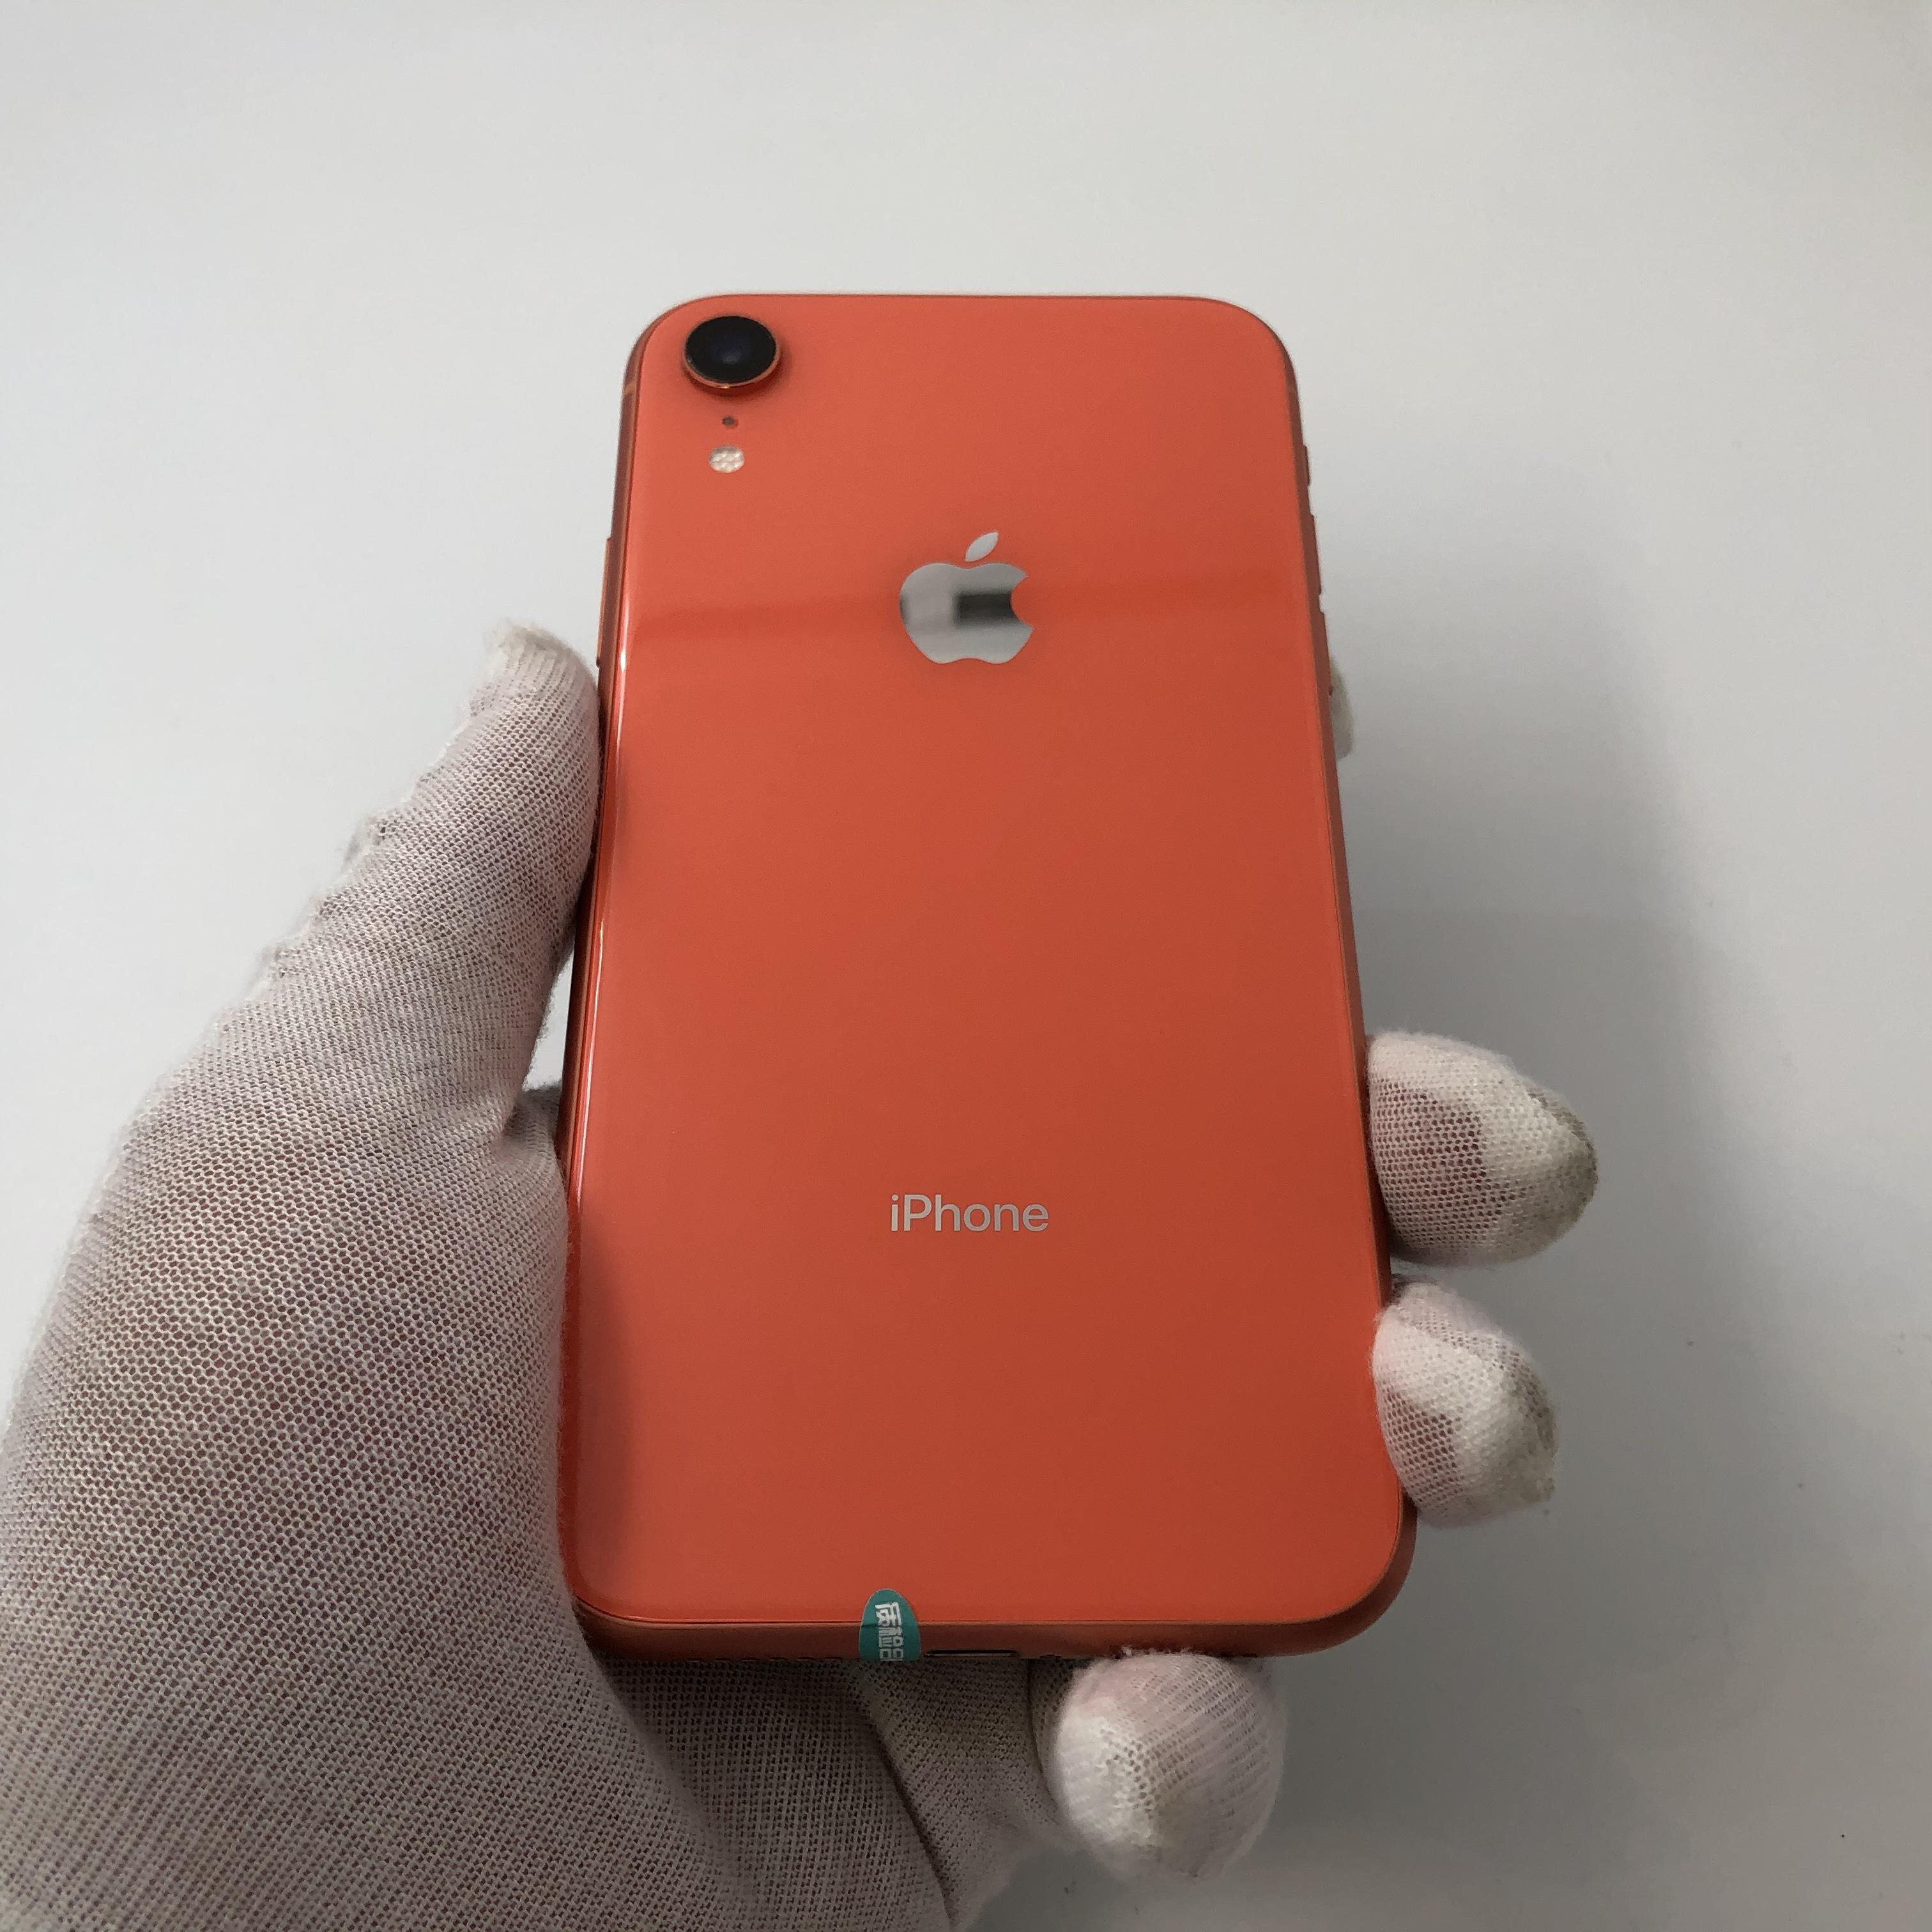 苹果【iPhone XR】4G全网通 珊瑚色 64G 国行 8成新